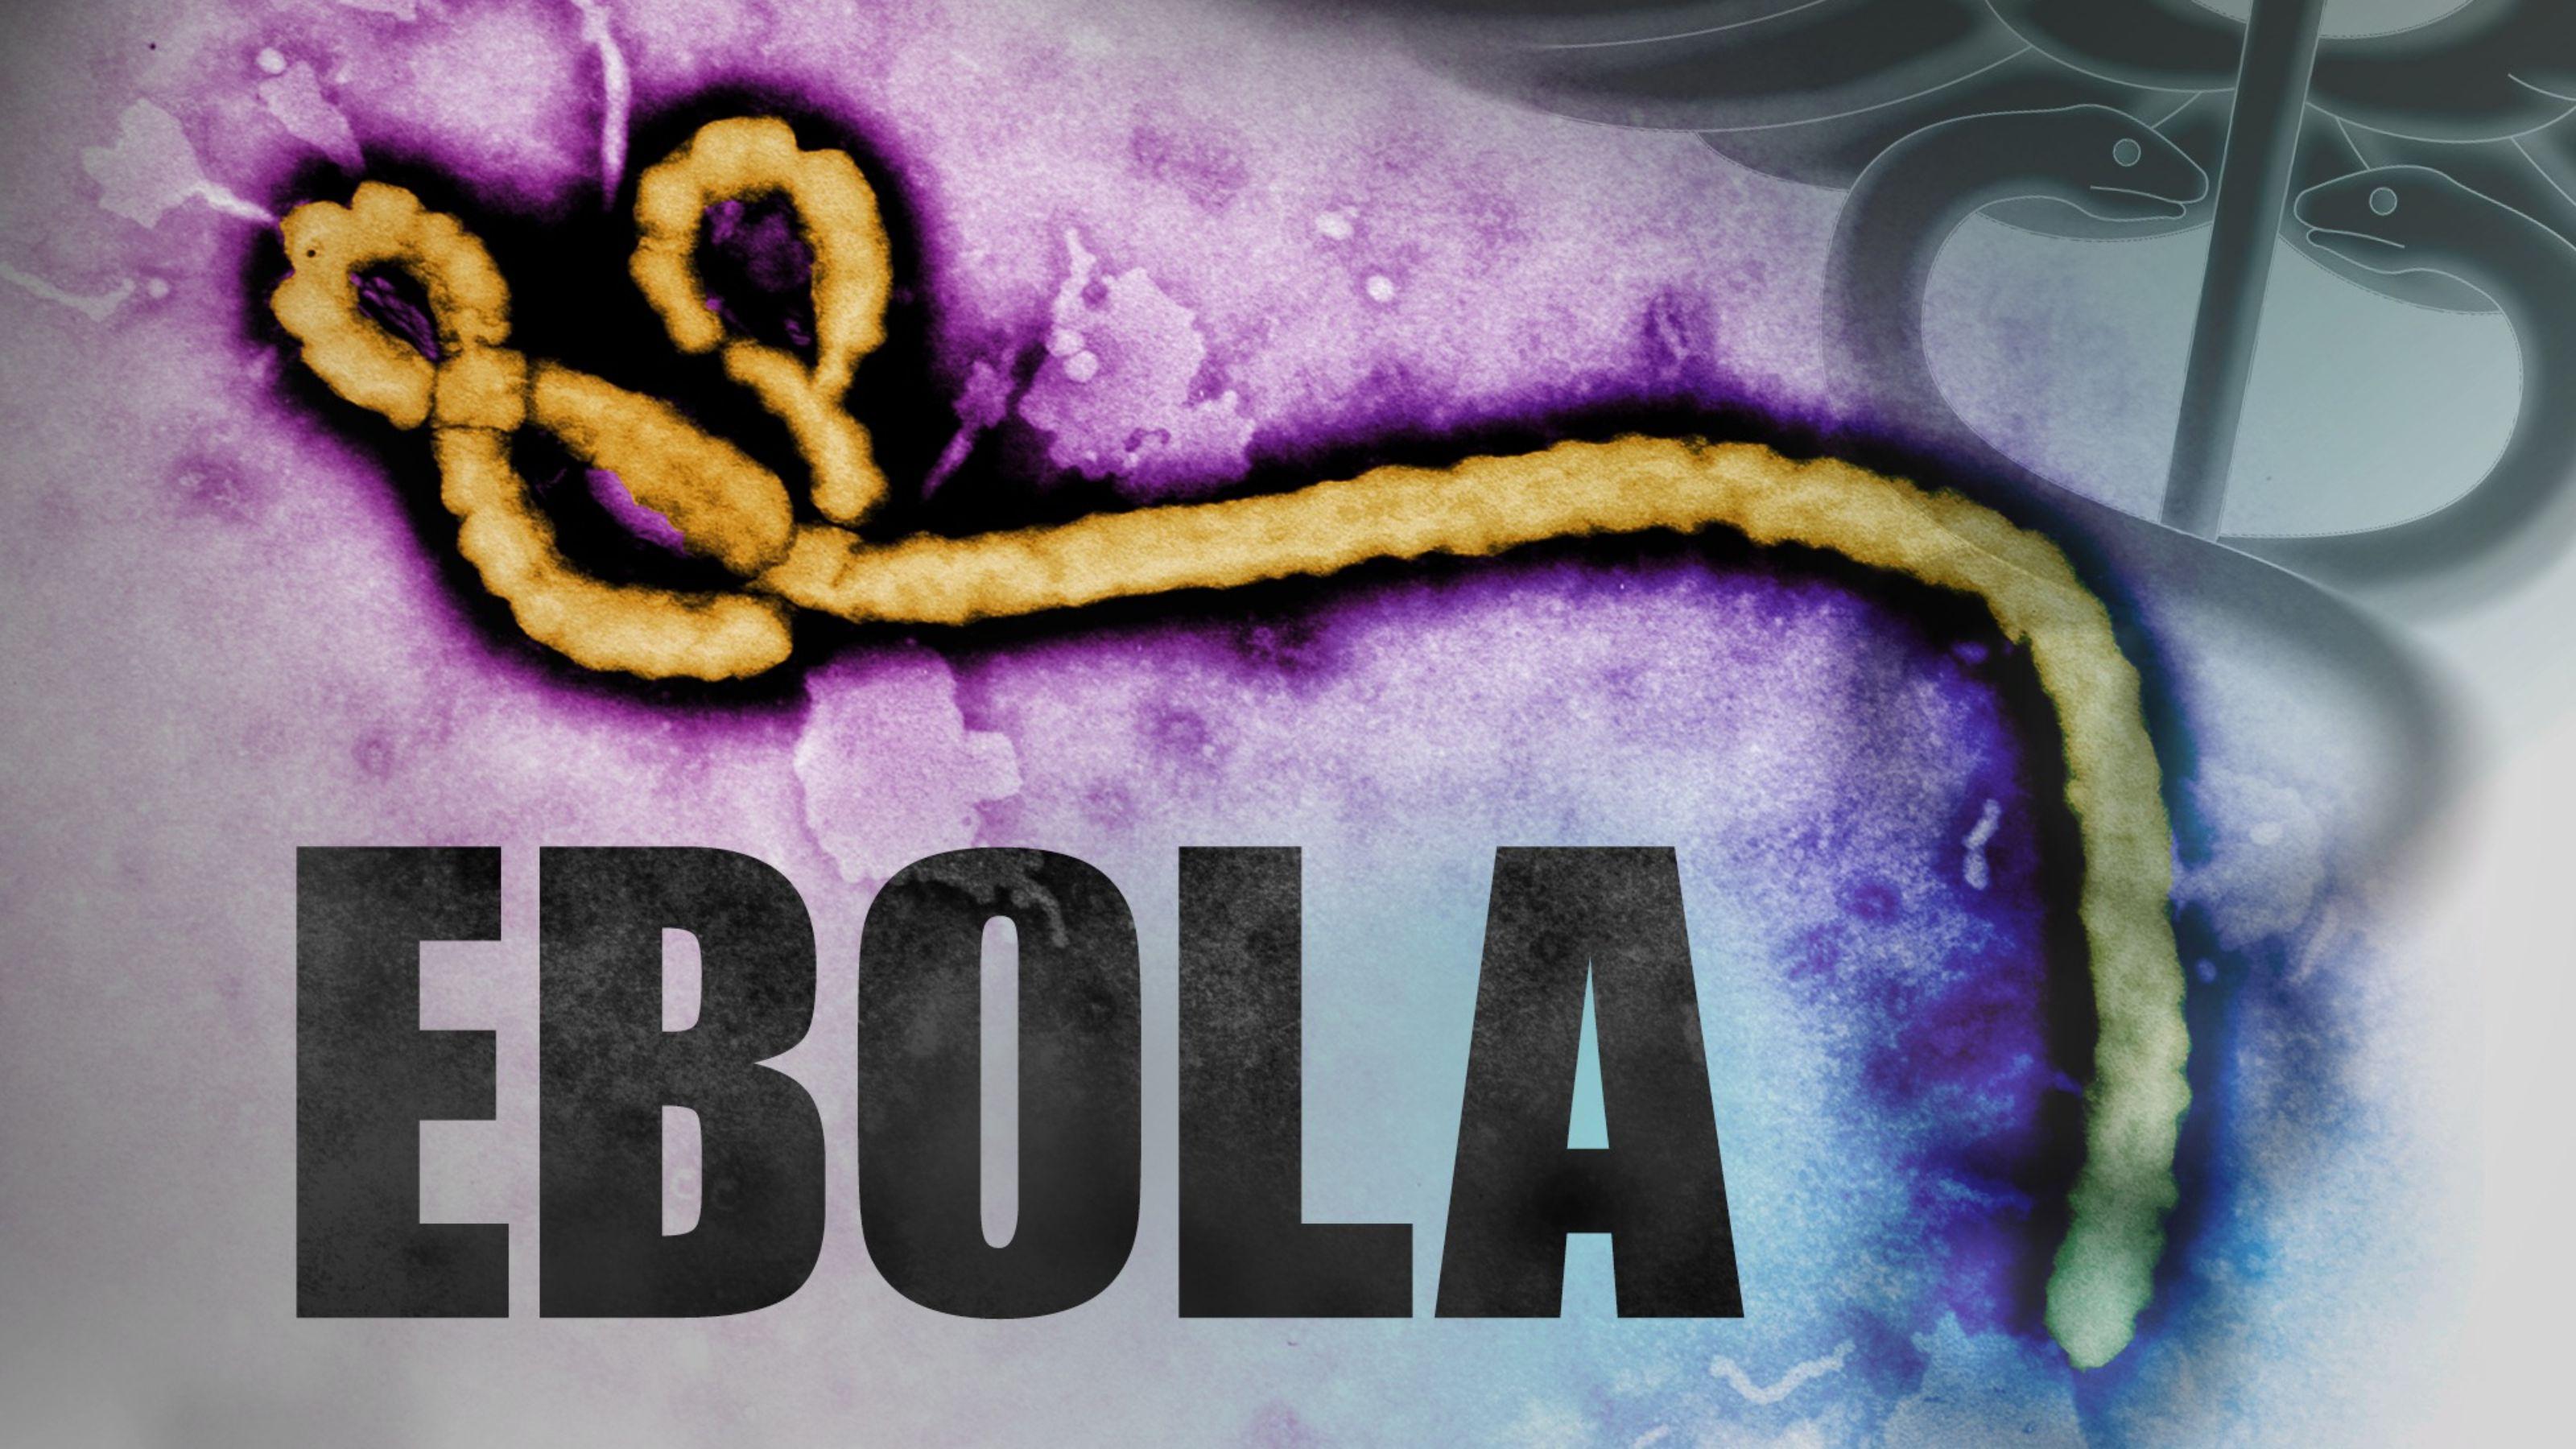 Ebola Virüs Hastalığı (EVH) ve Ebola Virüsü Nedir?